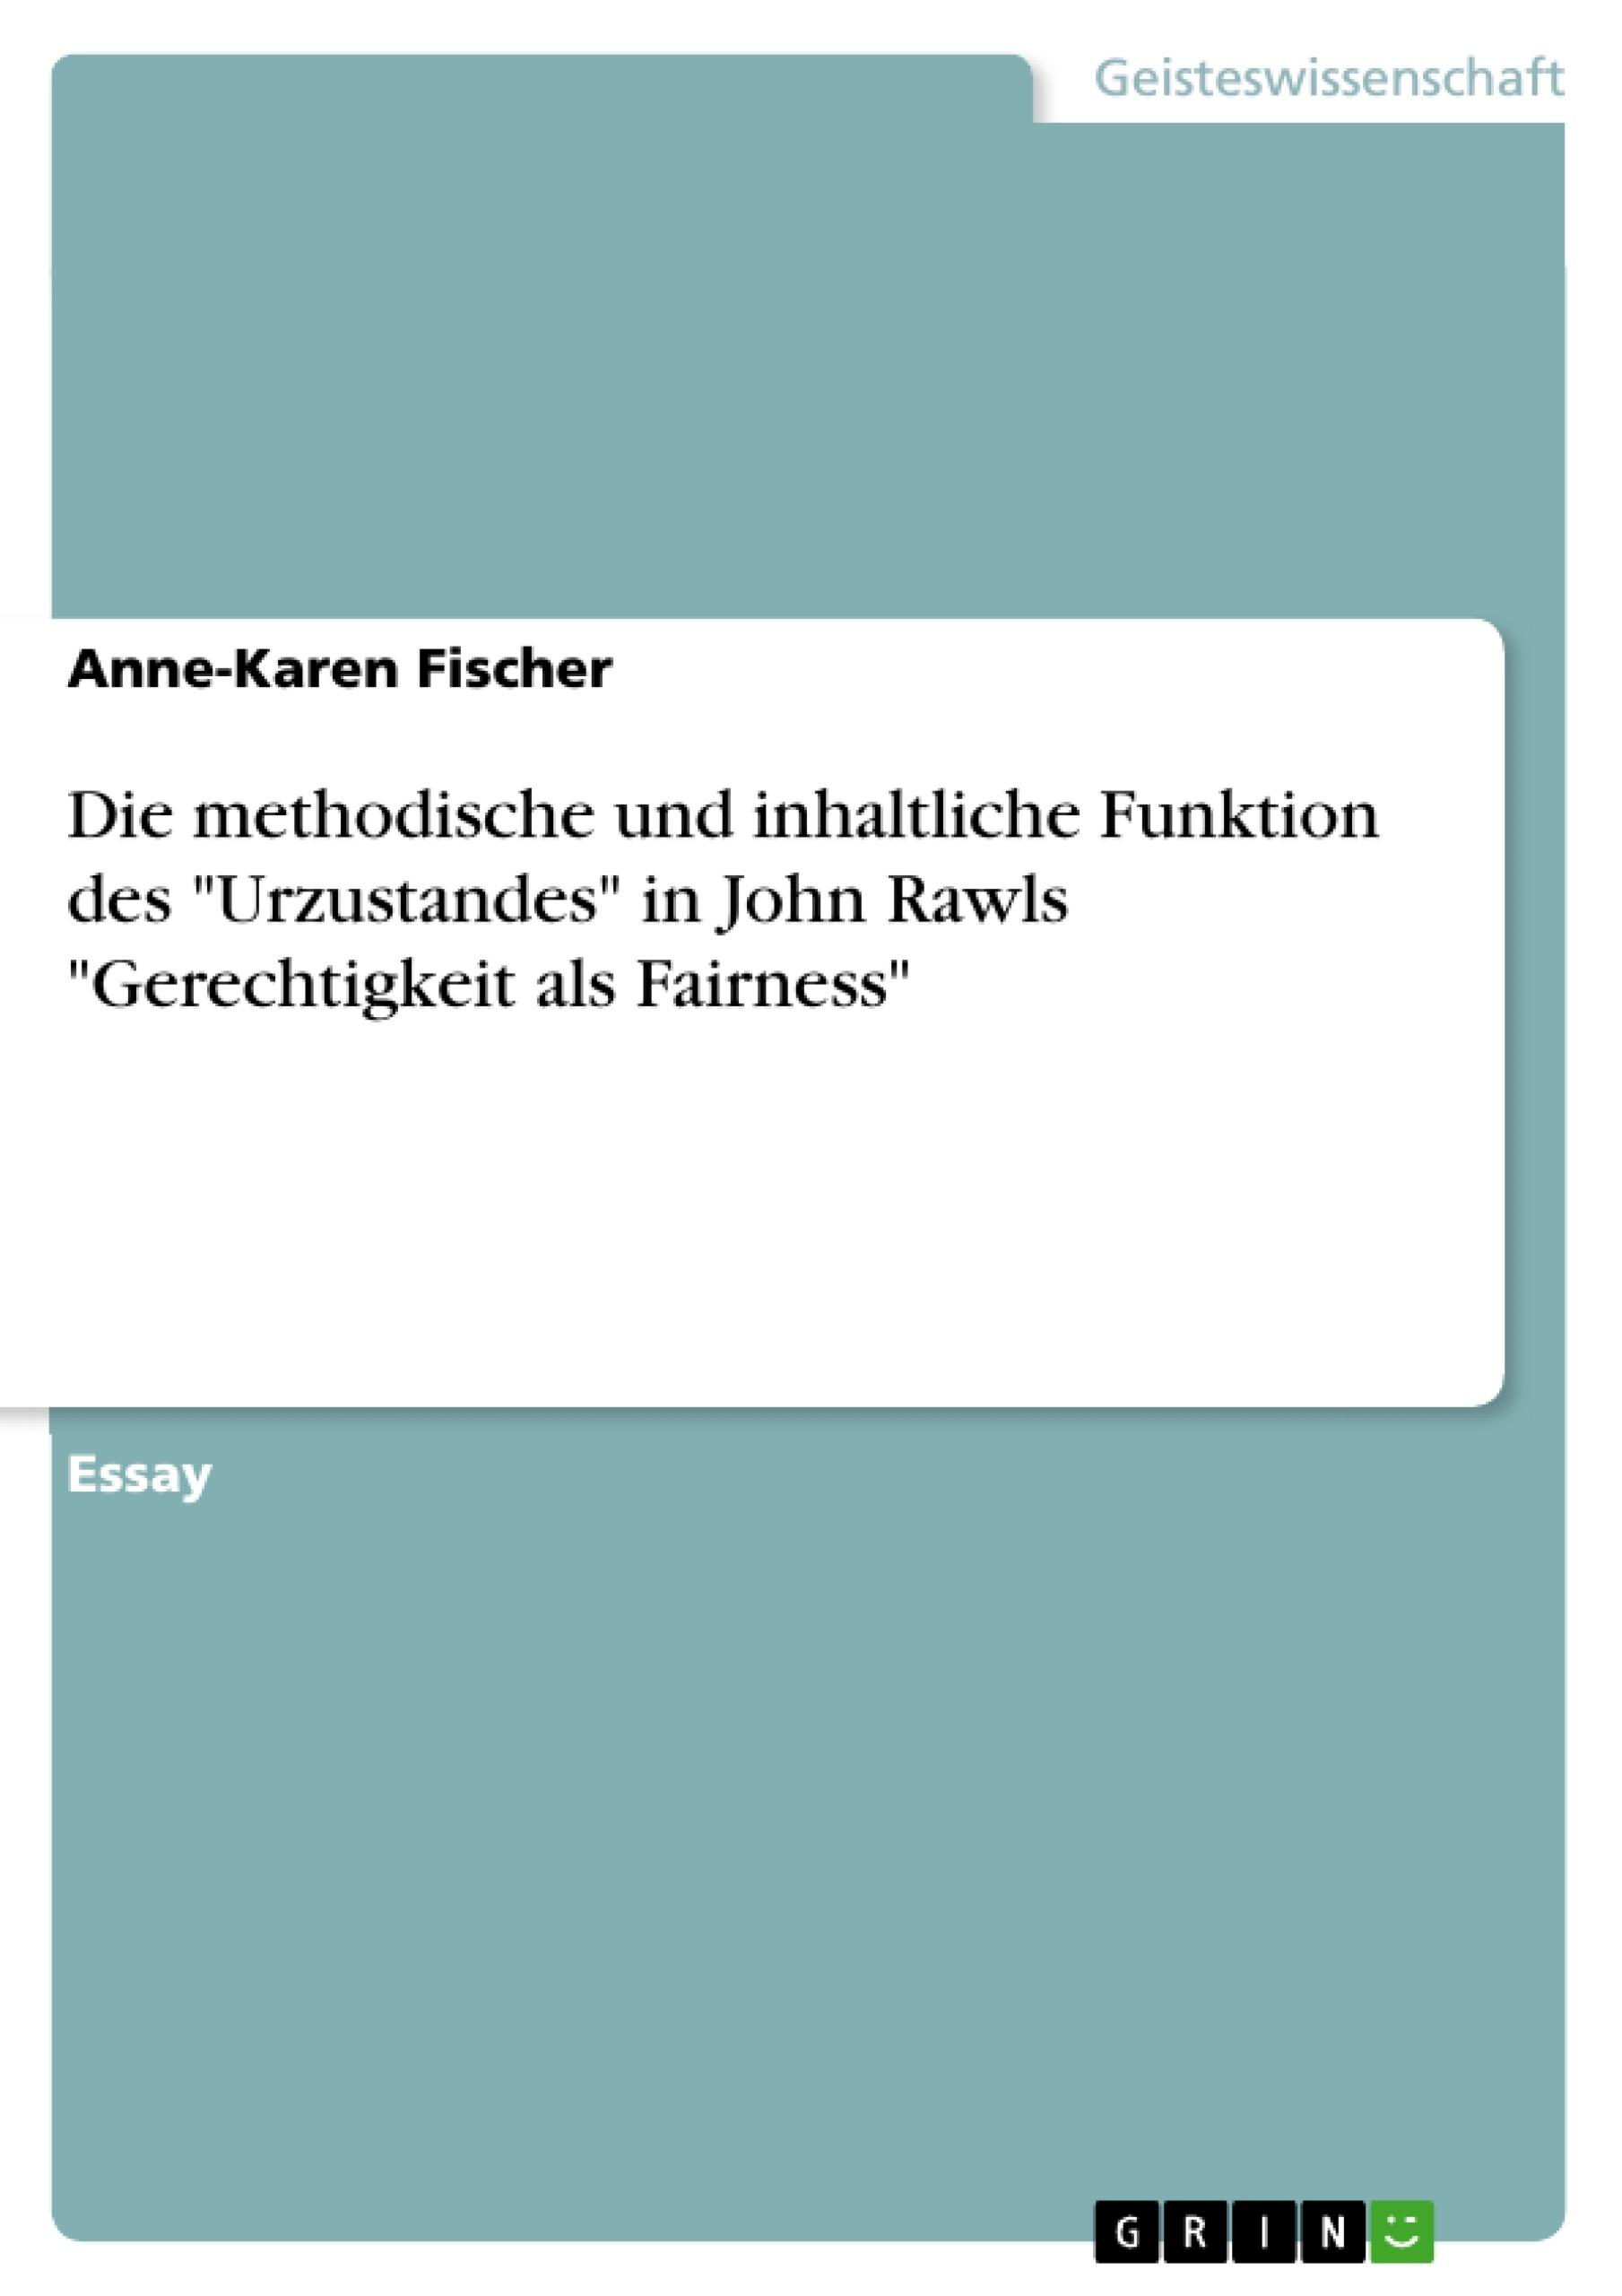 """Titel: Die methodische und inhaltliche Funktion des """"Urzustandes"""" in John Rawls """"Gerechtigkeit als Fairness"""""""